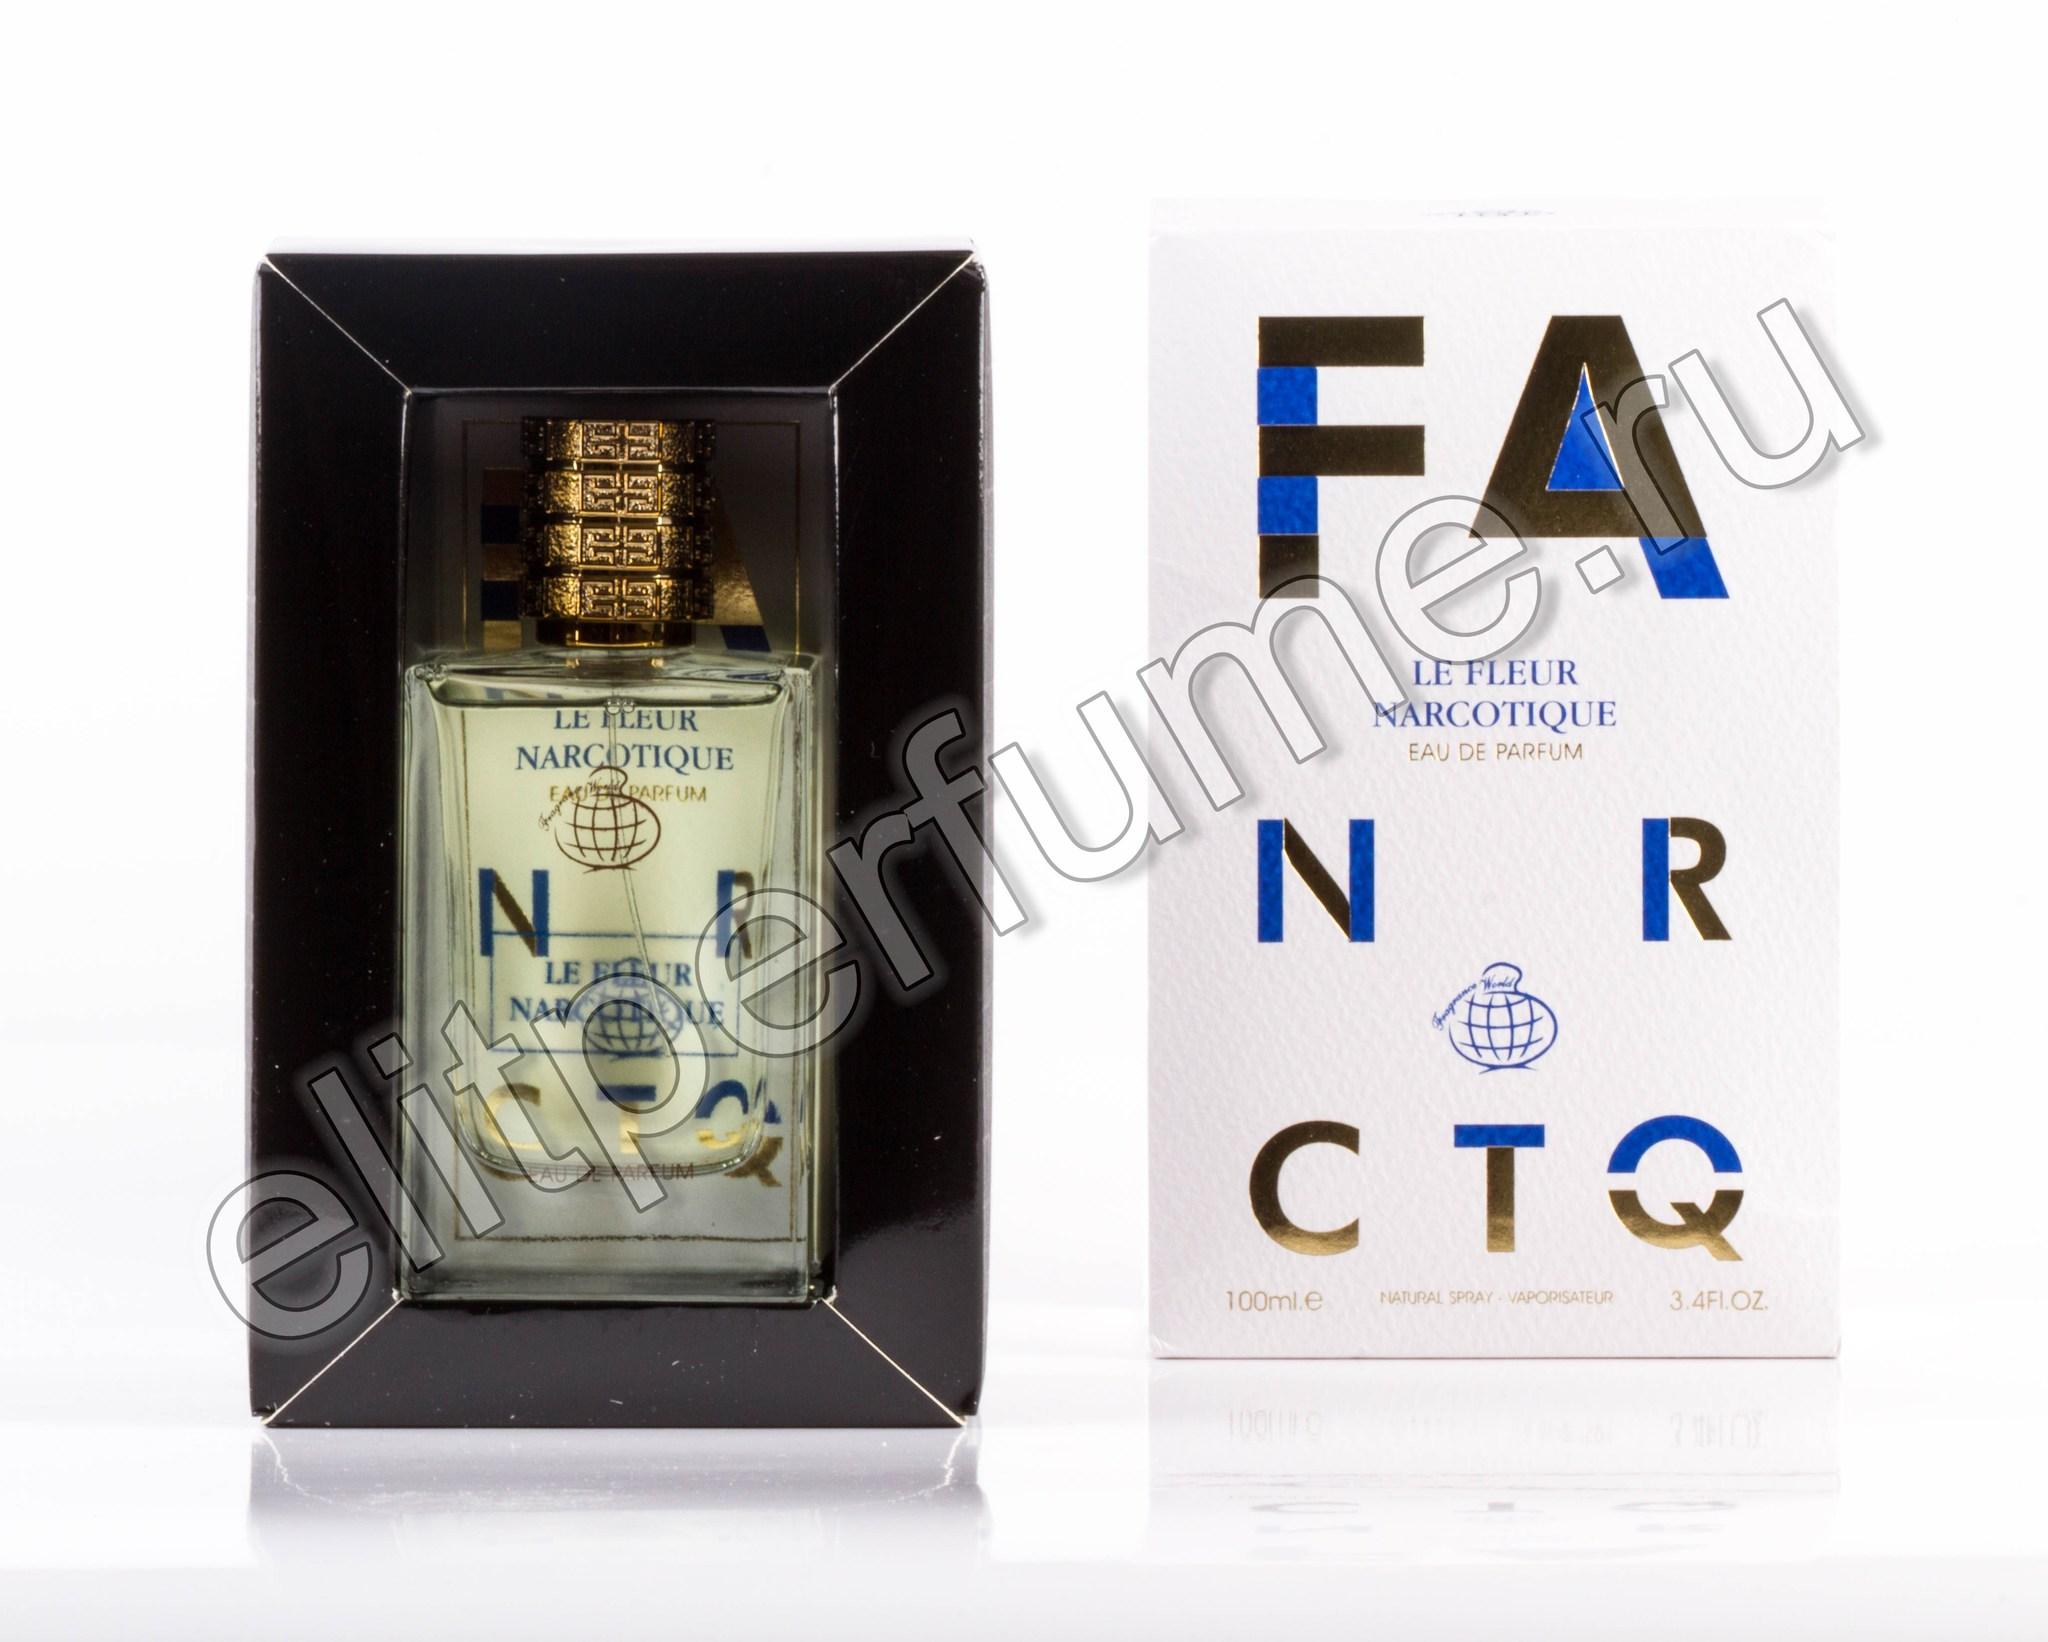 Le Fleur Narcotique 100 мл спрей от Фрагранс Ворлд Fragrance world